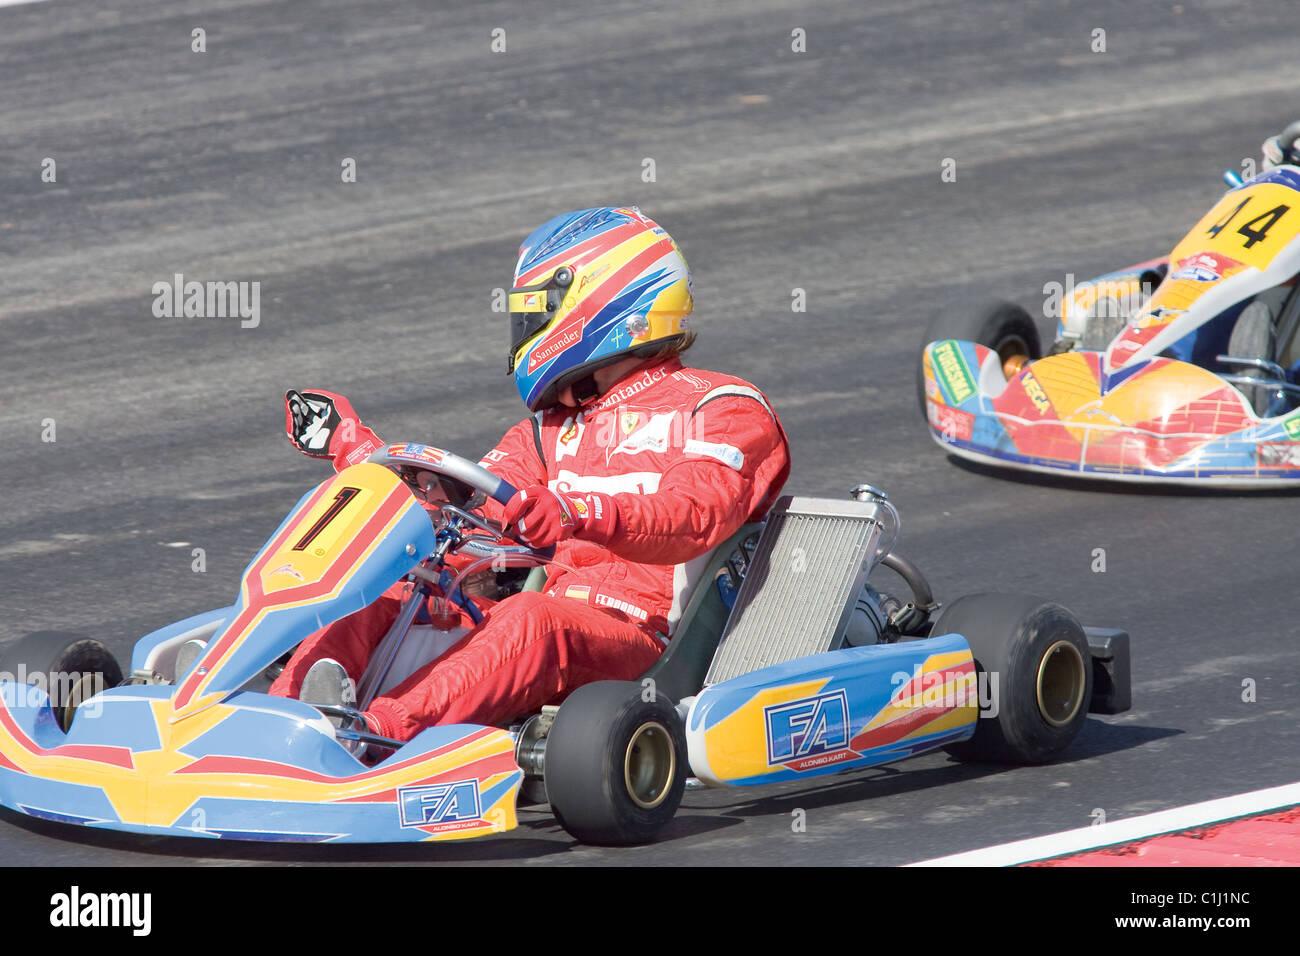 Circuito Fernando Alonso : Circuito de karting fernando alonso prueba asfalto en